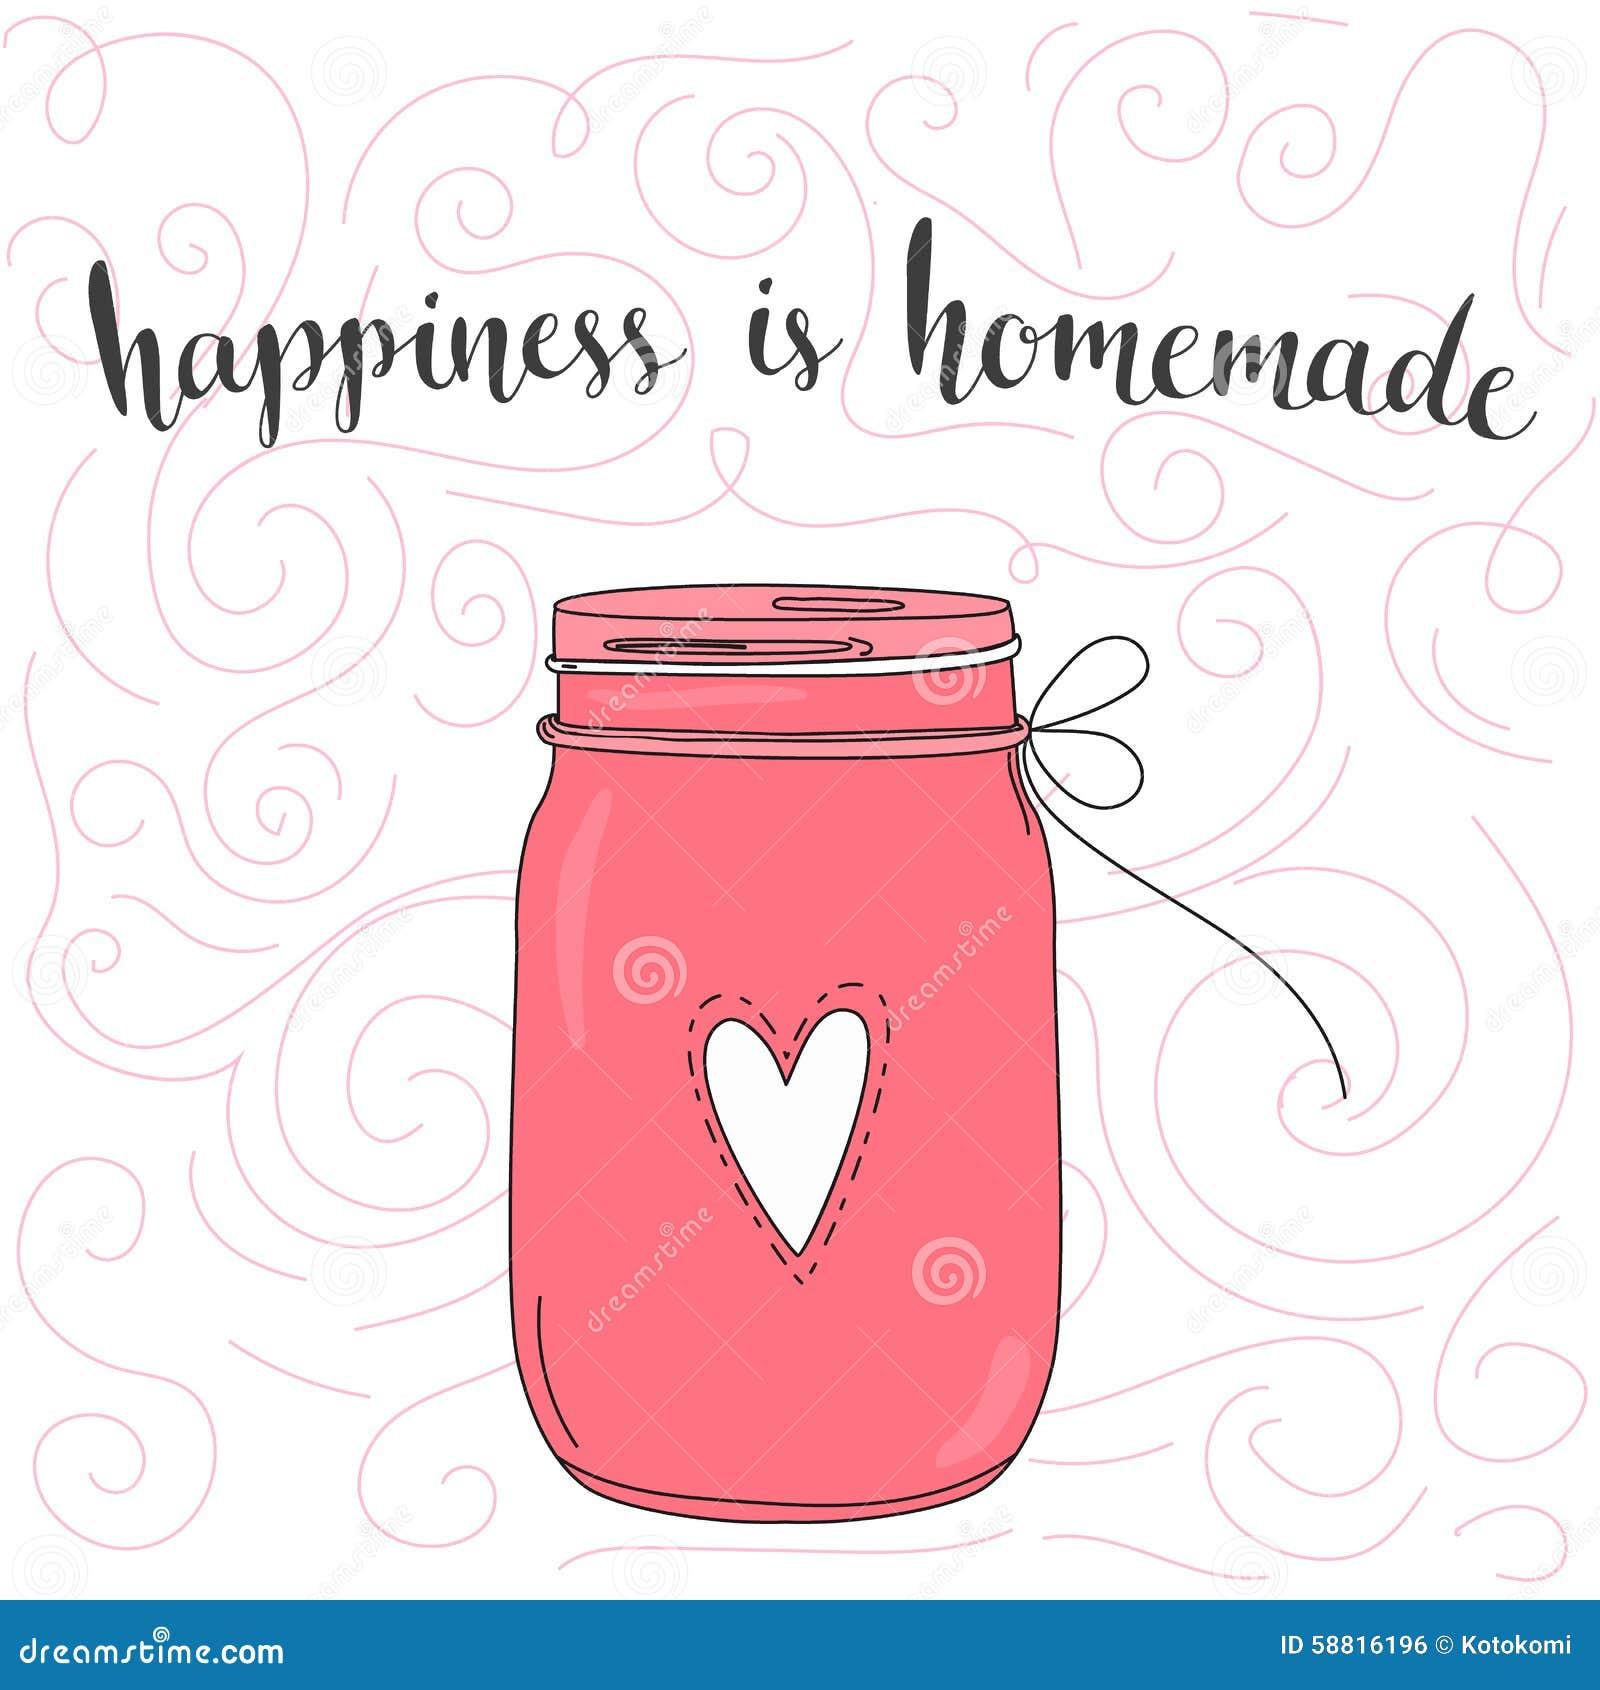 Η ευτυχία είναι σπιτική Εμπνευσμένο απόσπασμα